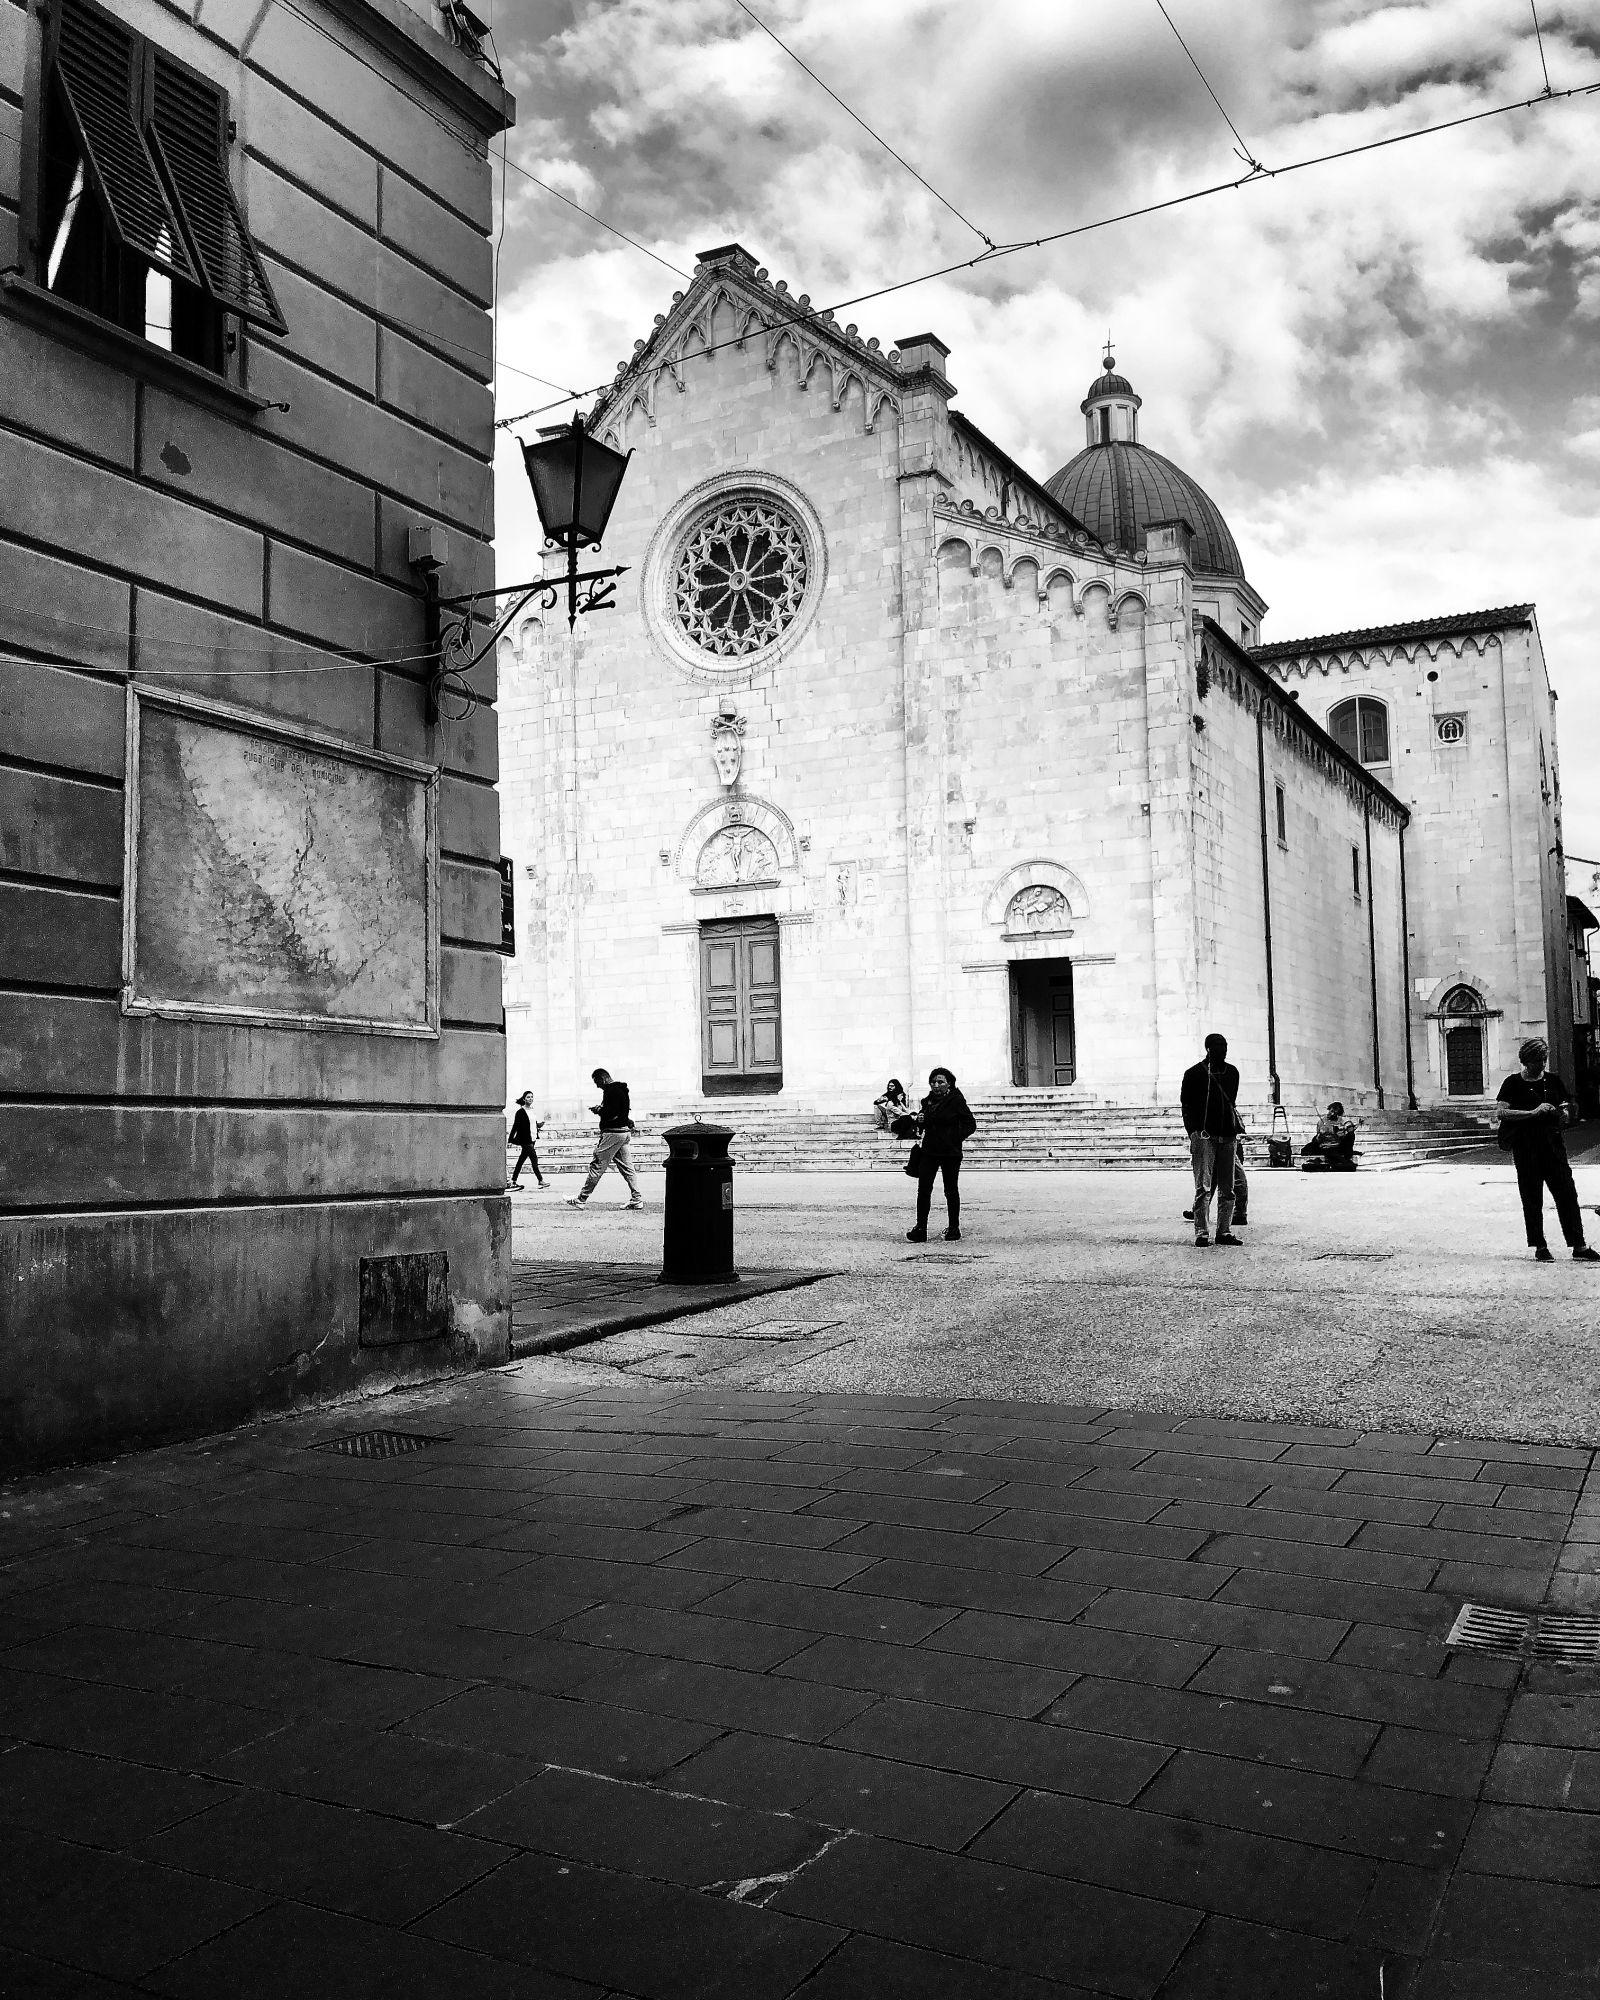 La Santa Messa in Duomo chiude le celebrazioni del 150esimo anniversario della Madonna del Sole